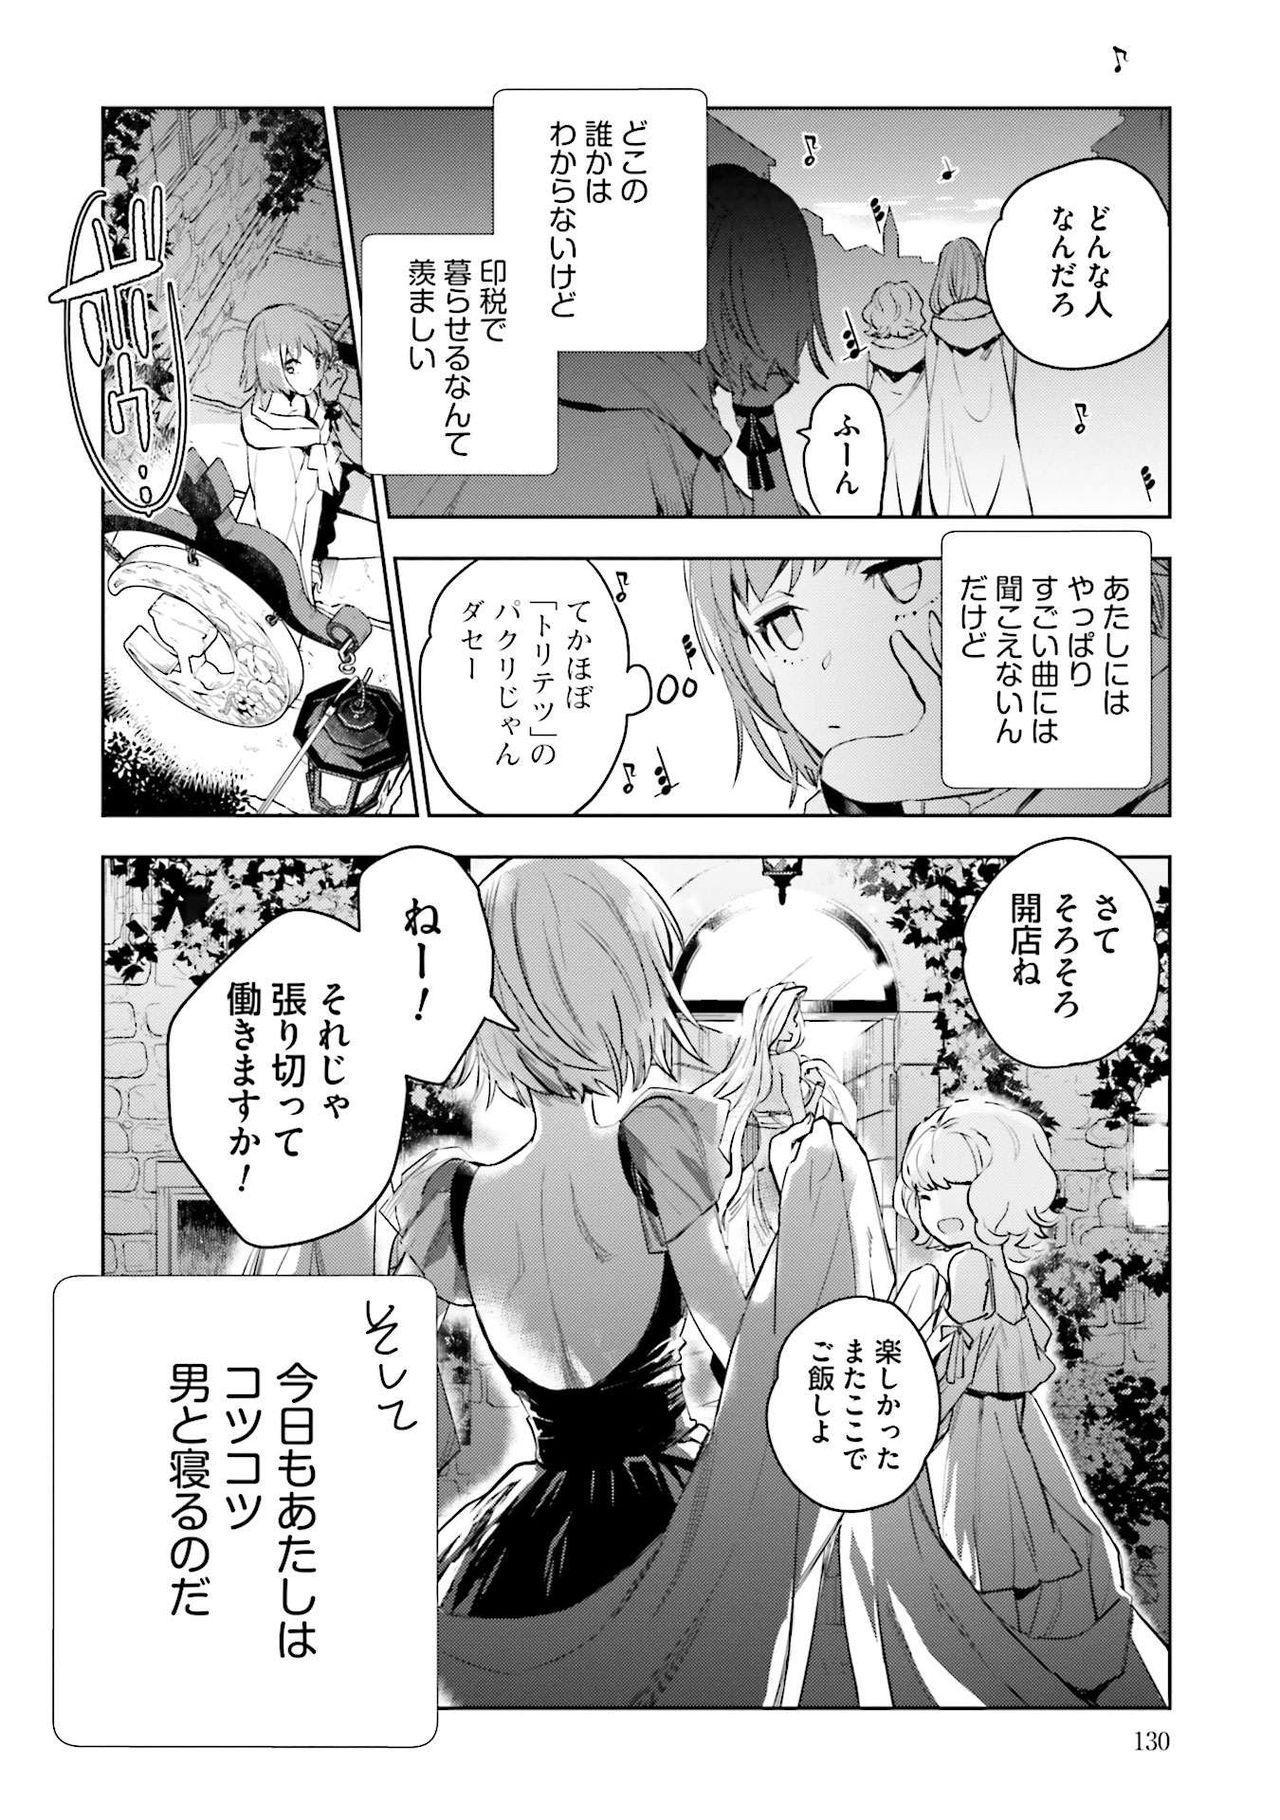 JK Haru wa Isekai de Shoufu ni Natta 1-14 131